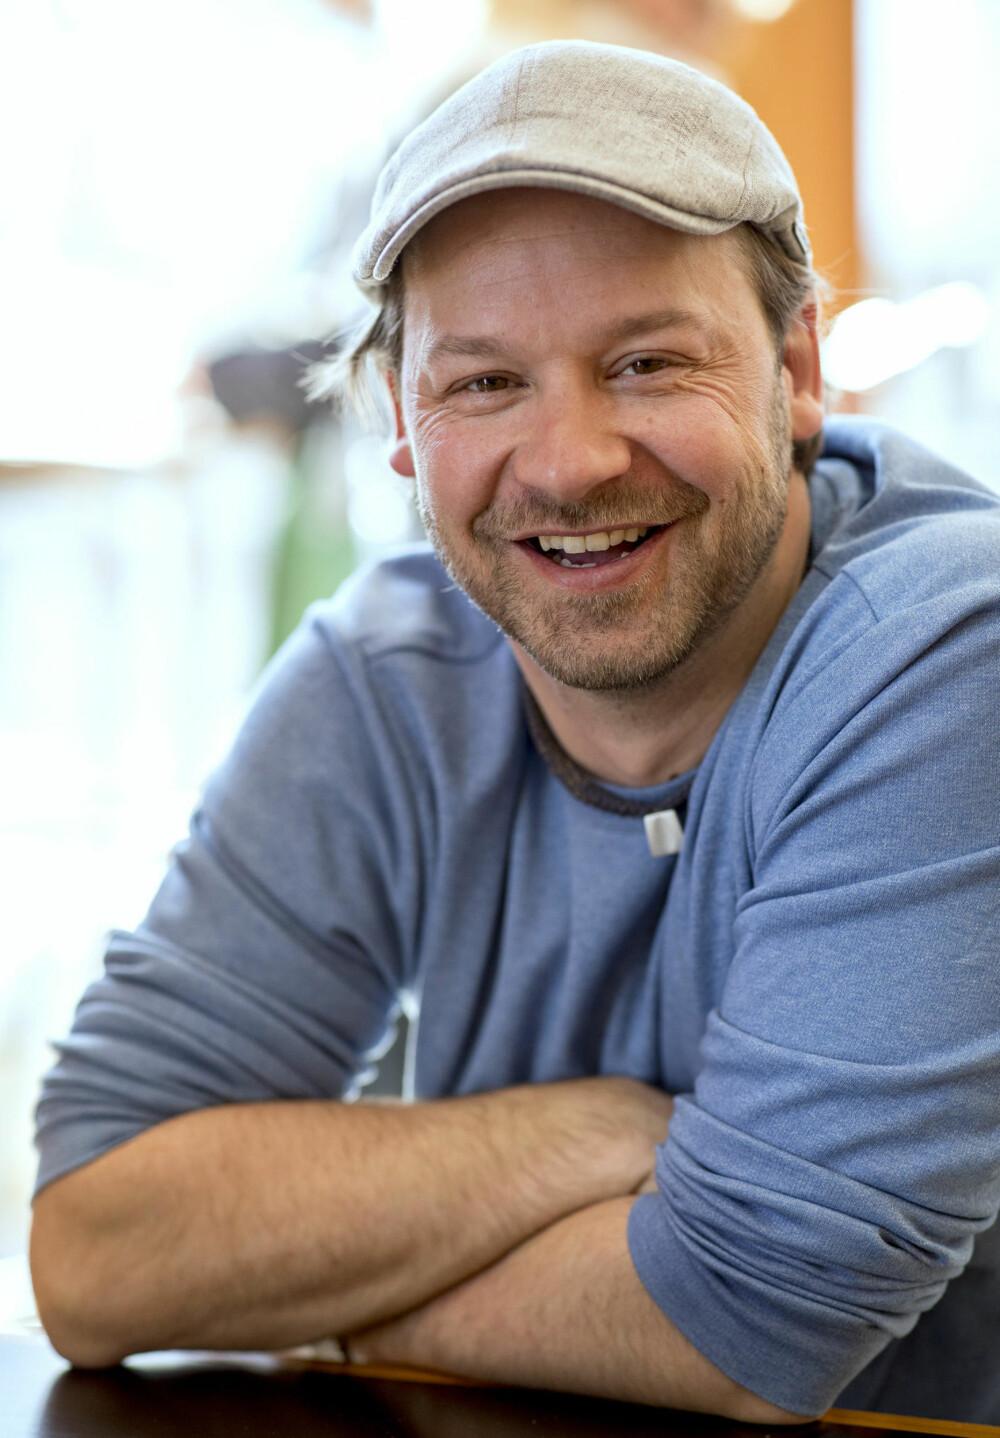 Petter Nyquist er en av finalistene til Publikumsprisen.